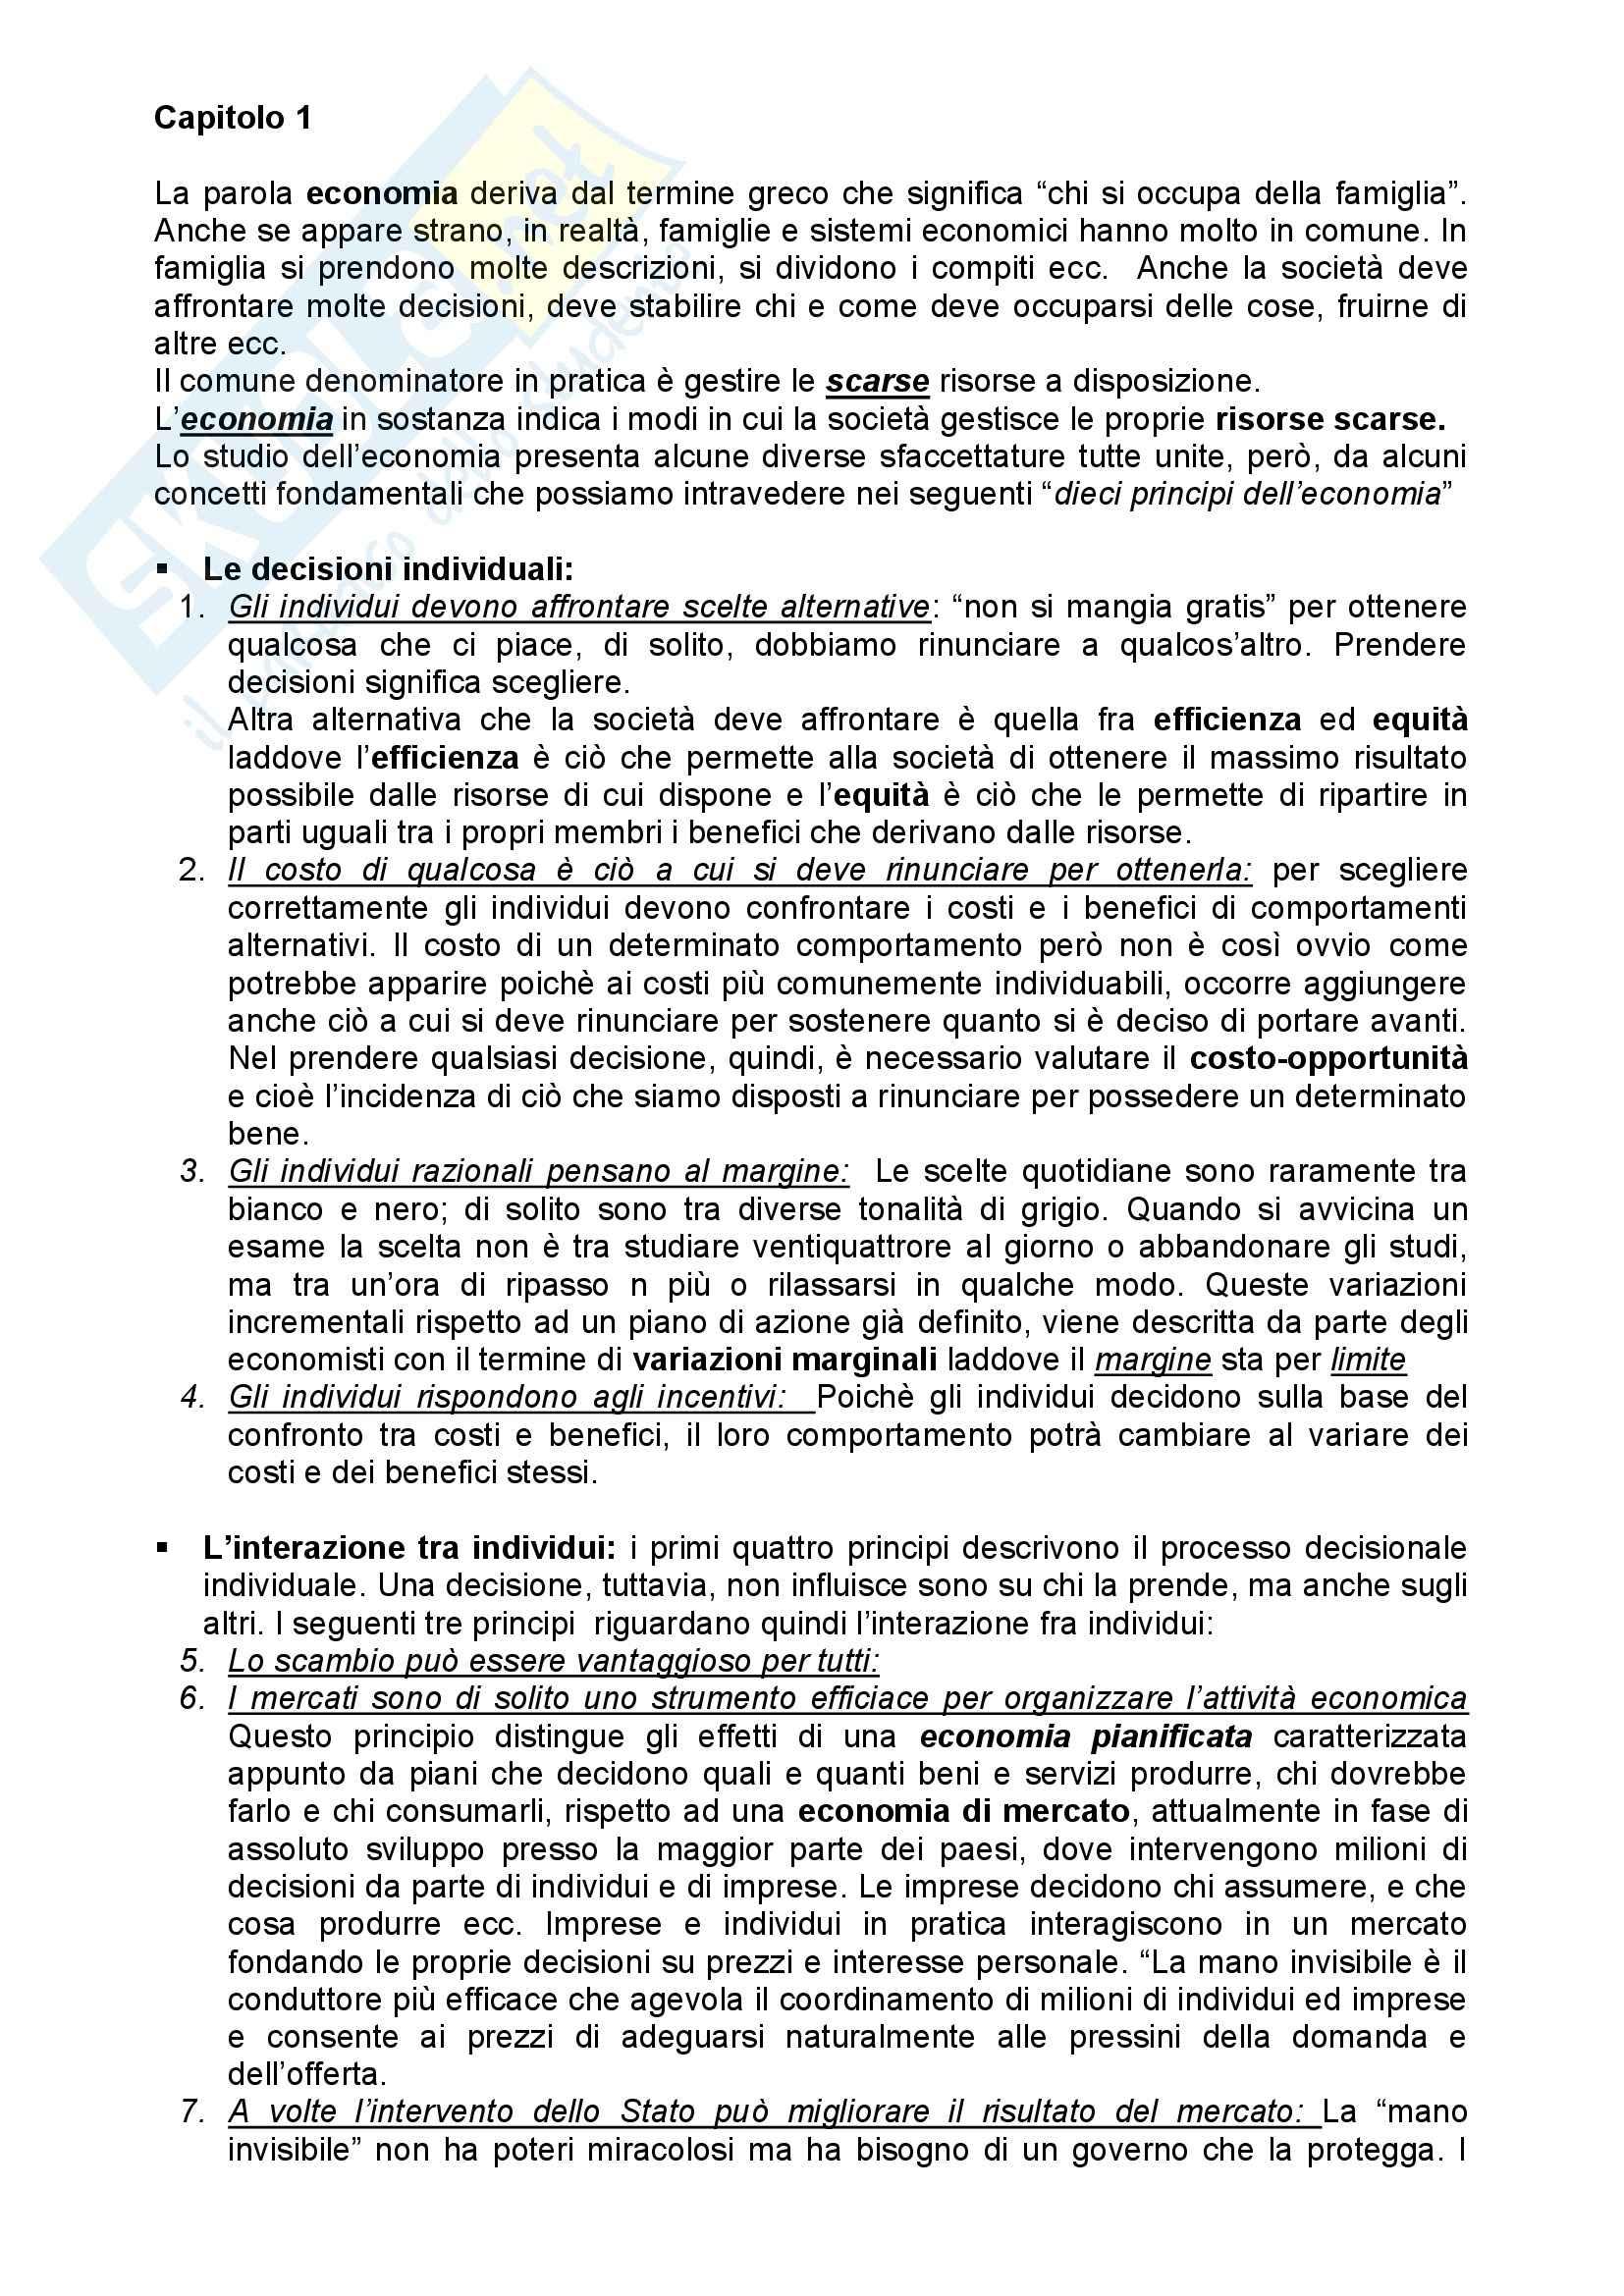 appunto S. Rossi Economia Politica